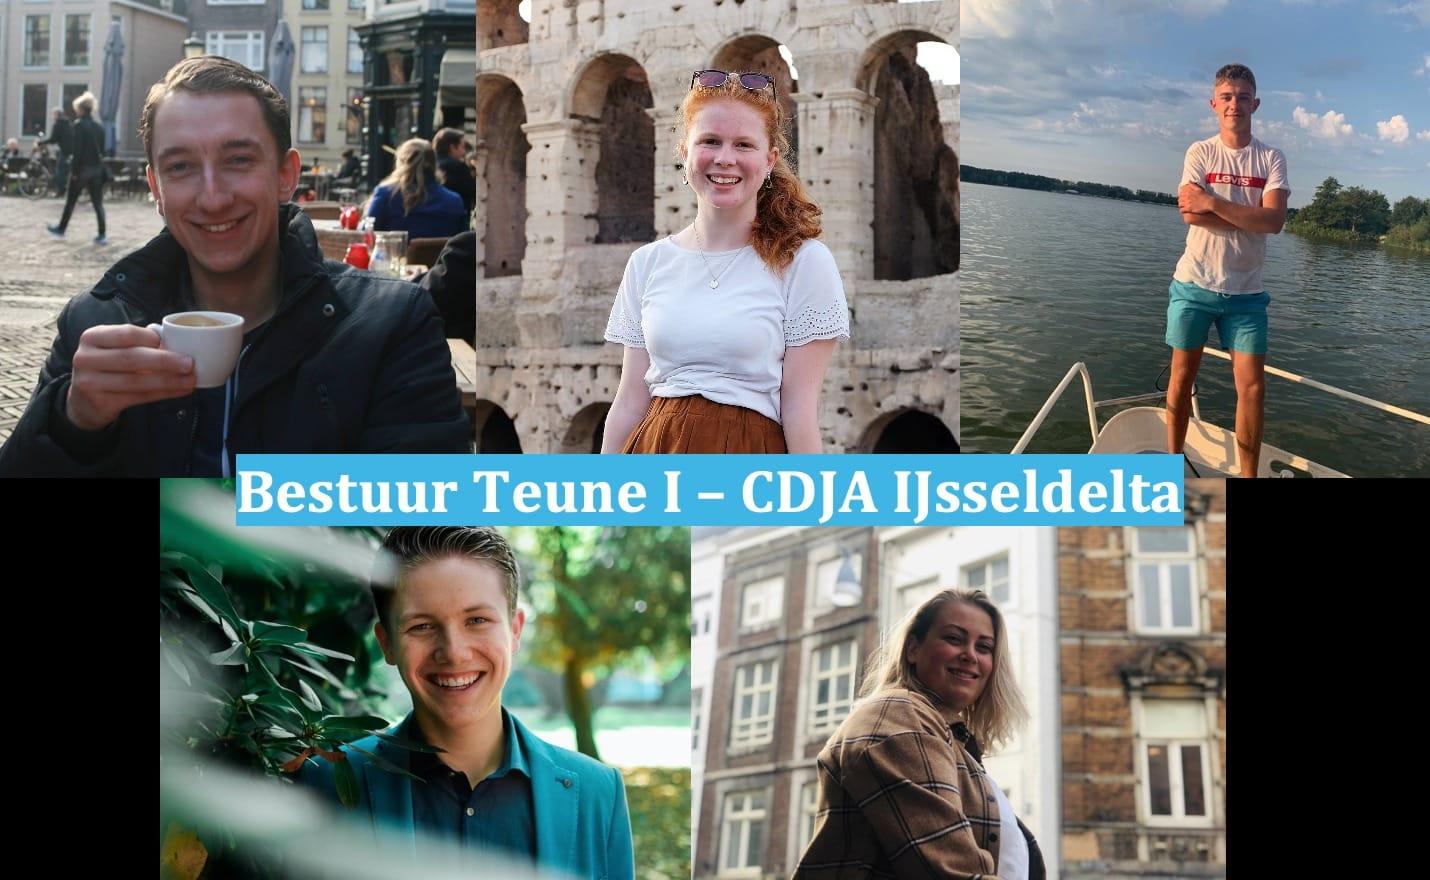 CDJA IJsseldelta presenteert vijf nieuwe bestuursleden